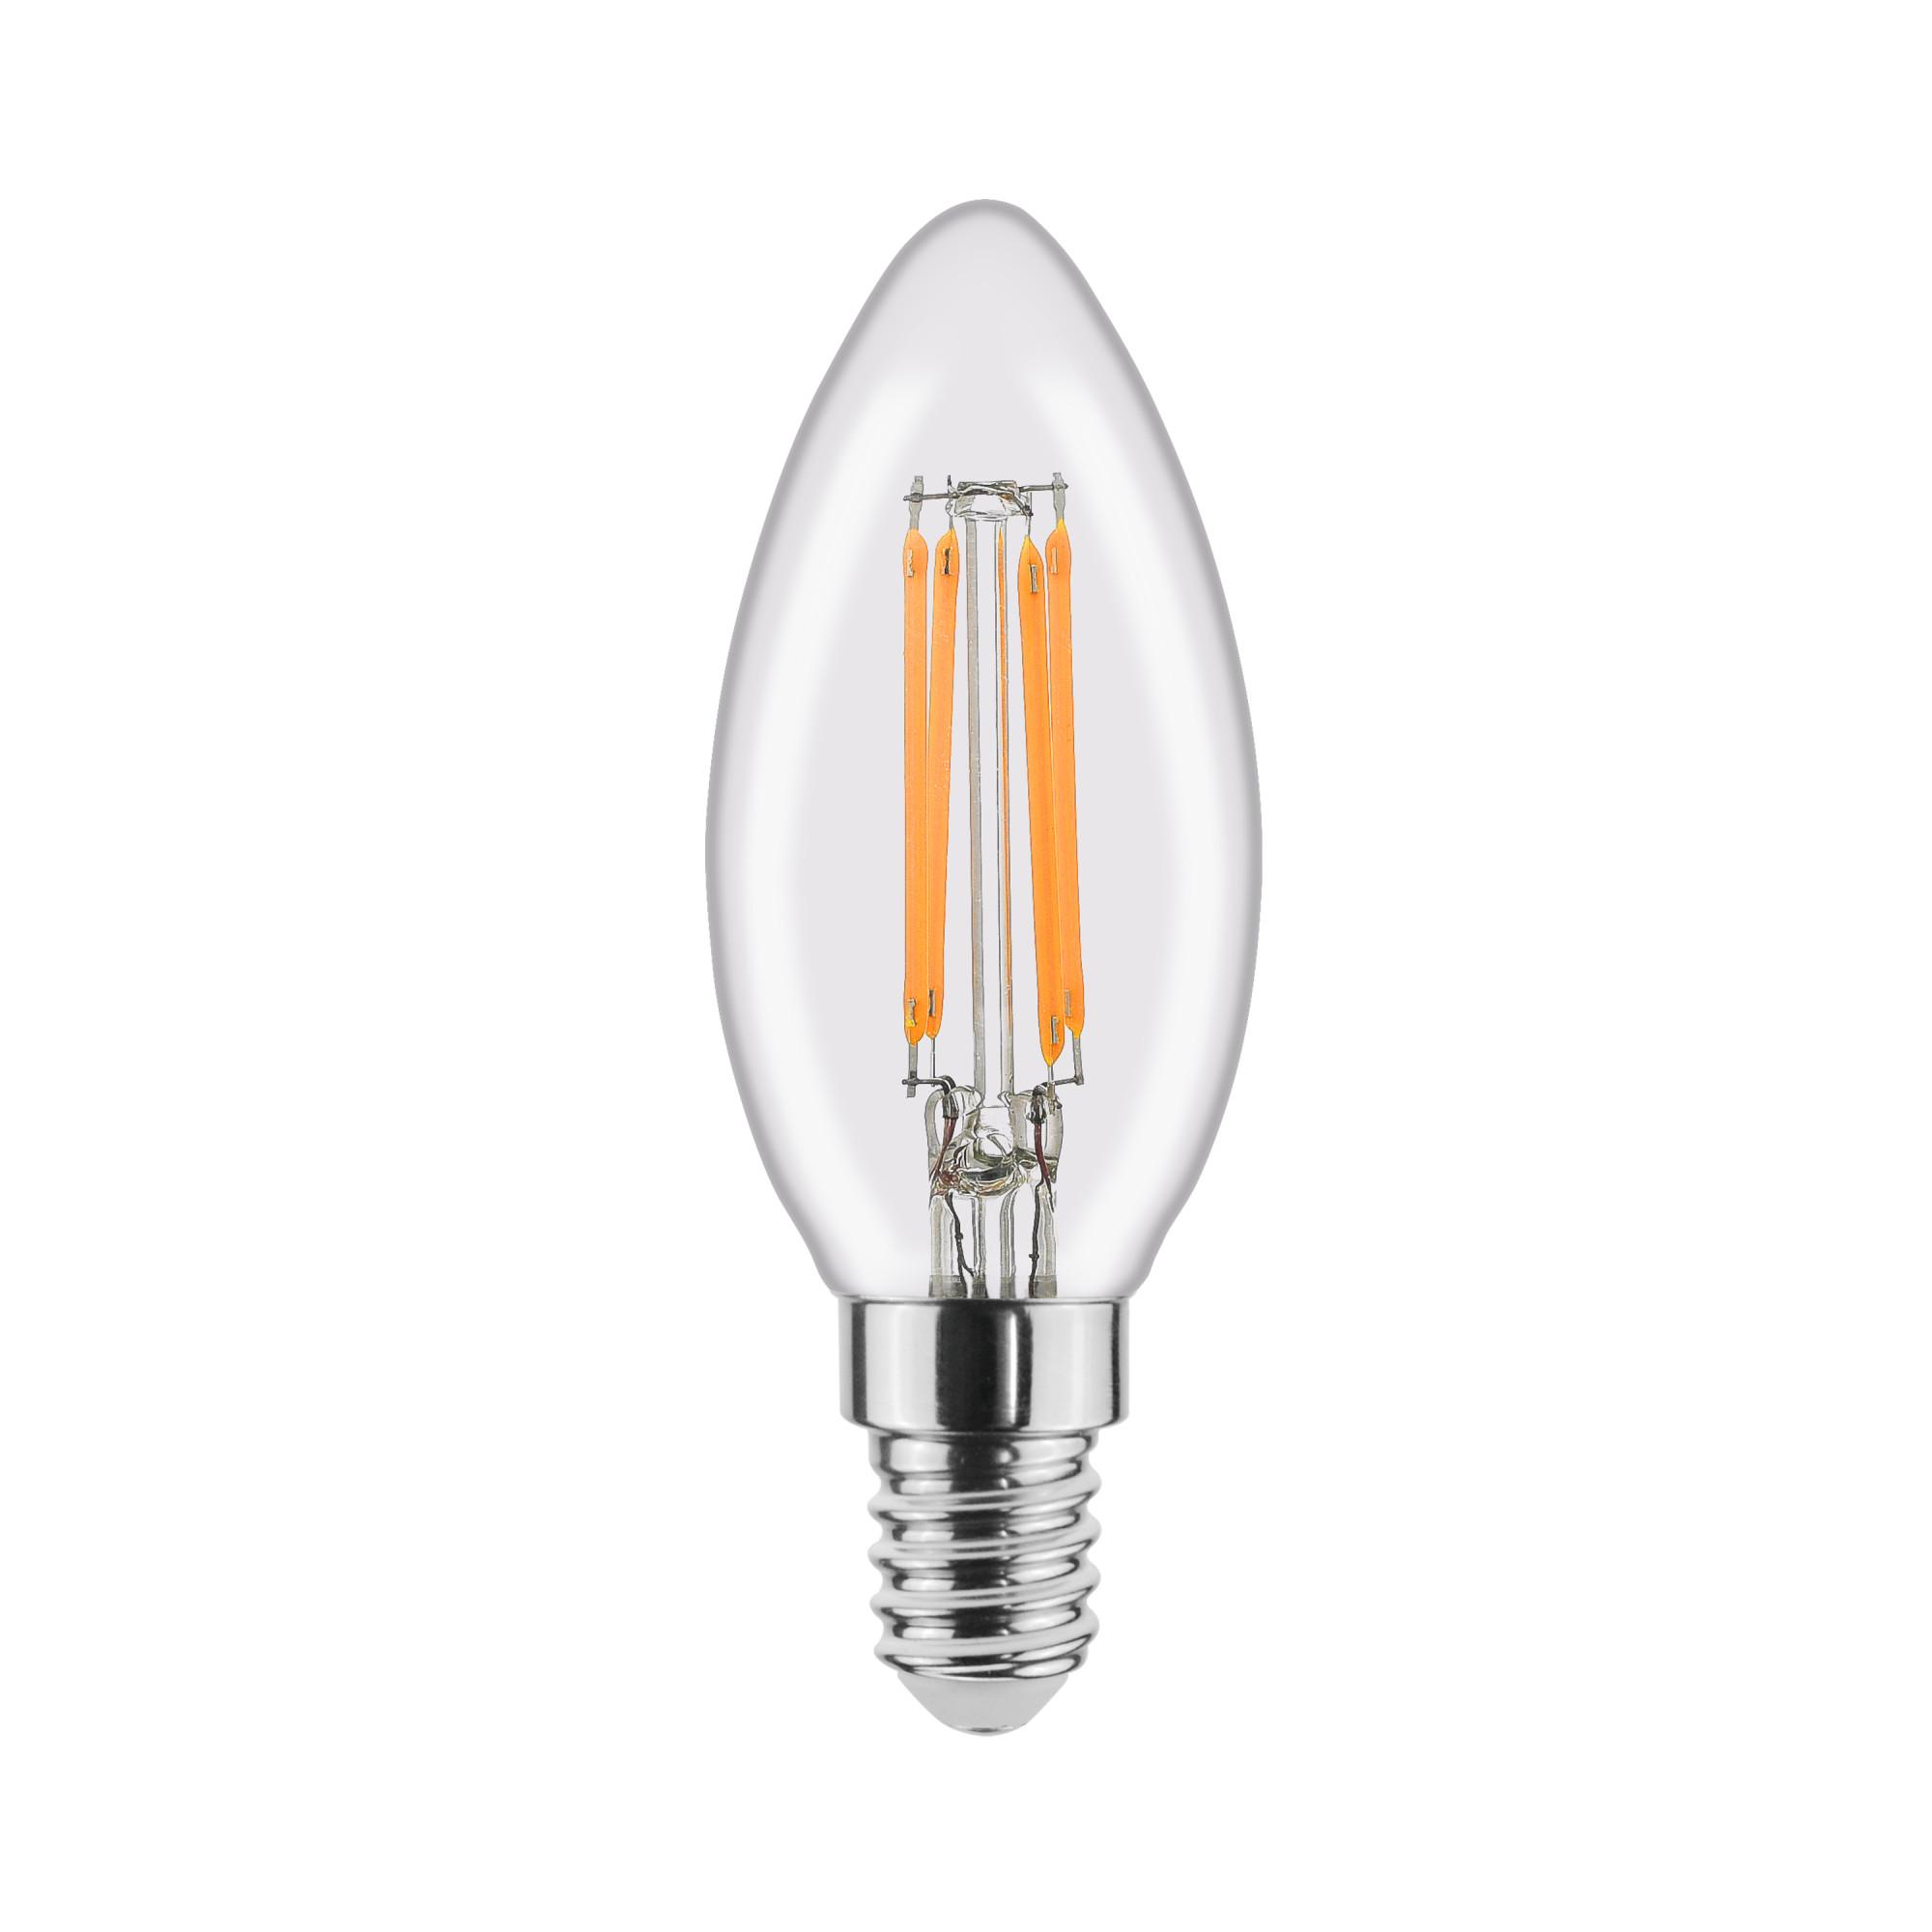 Лампа светодиодная филаментная Lexman E14 220 В 4.5 Вт свеча прозрачная 470 лм тёплый белый свет